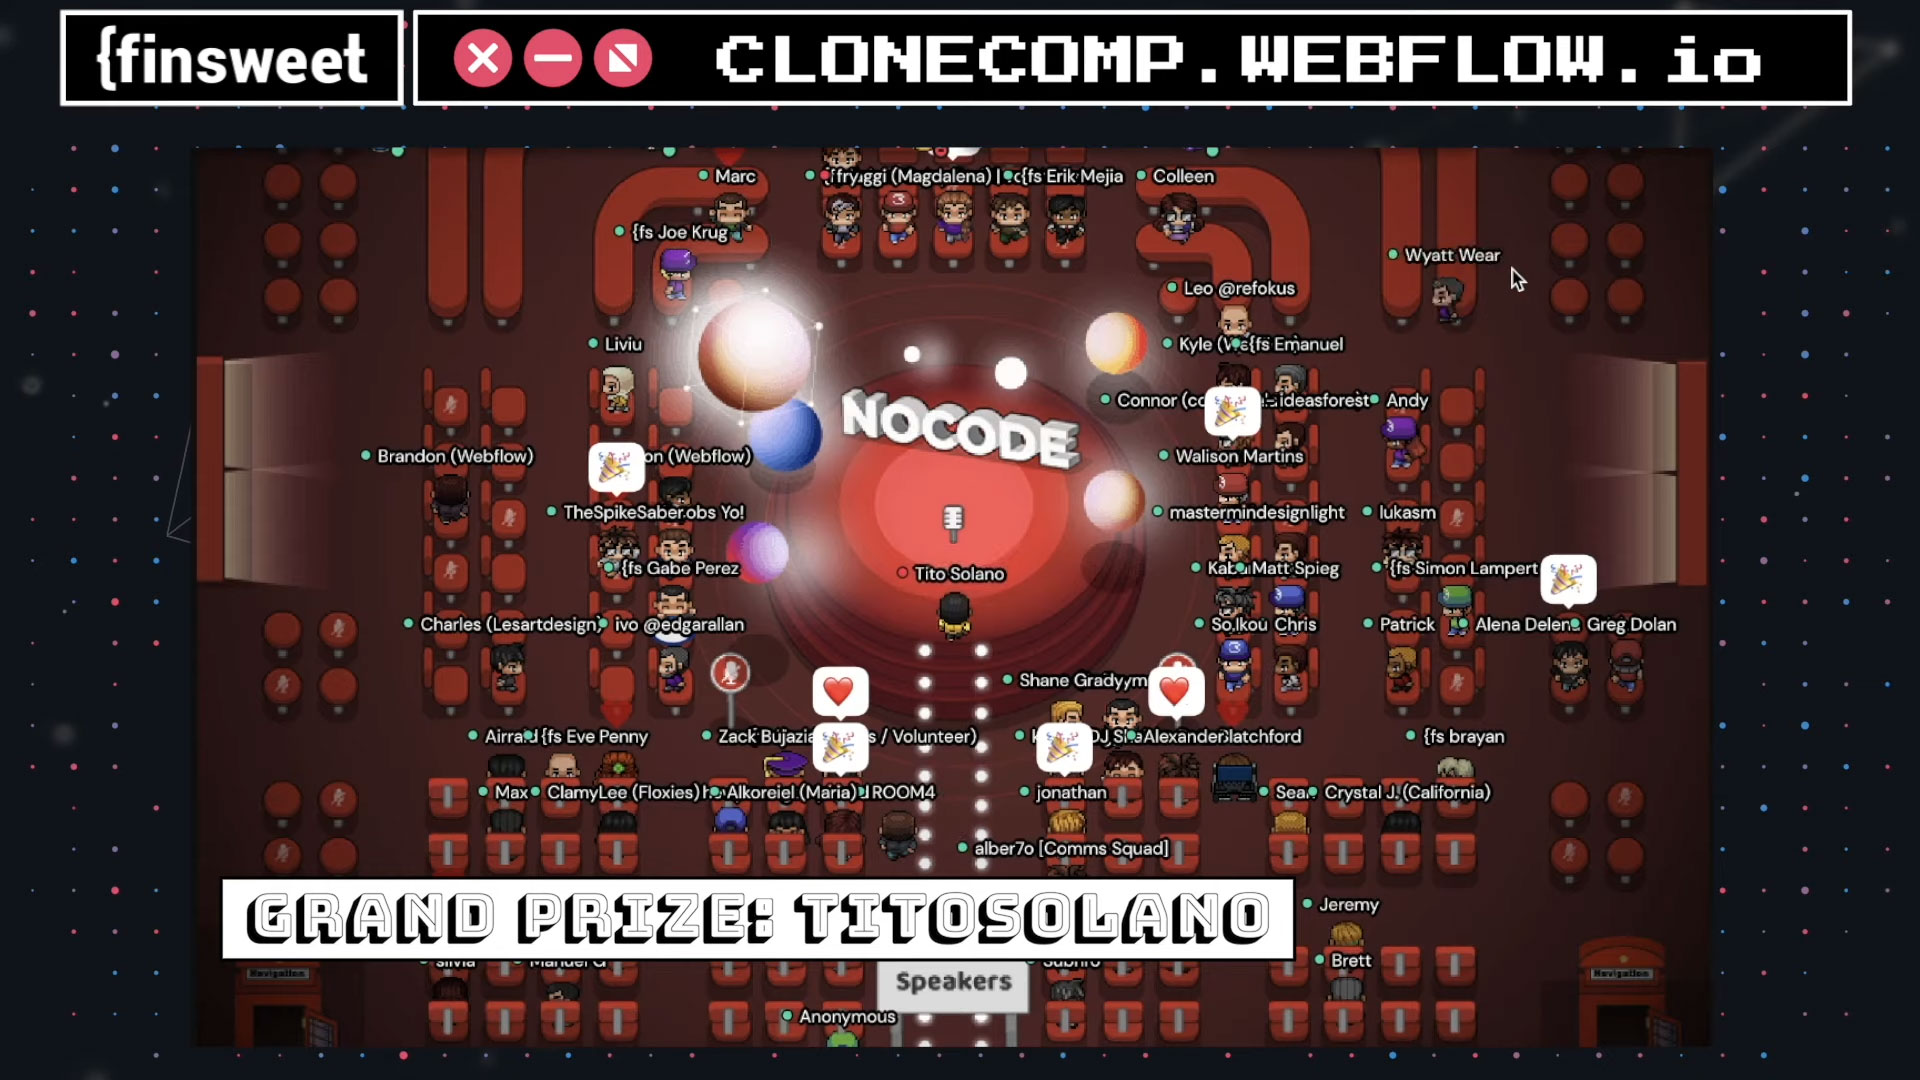 Webflow. Finsweet NoCode 2021 Gather